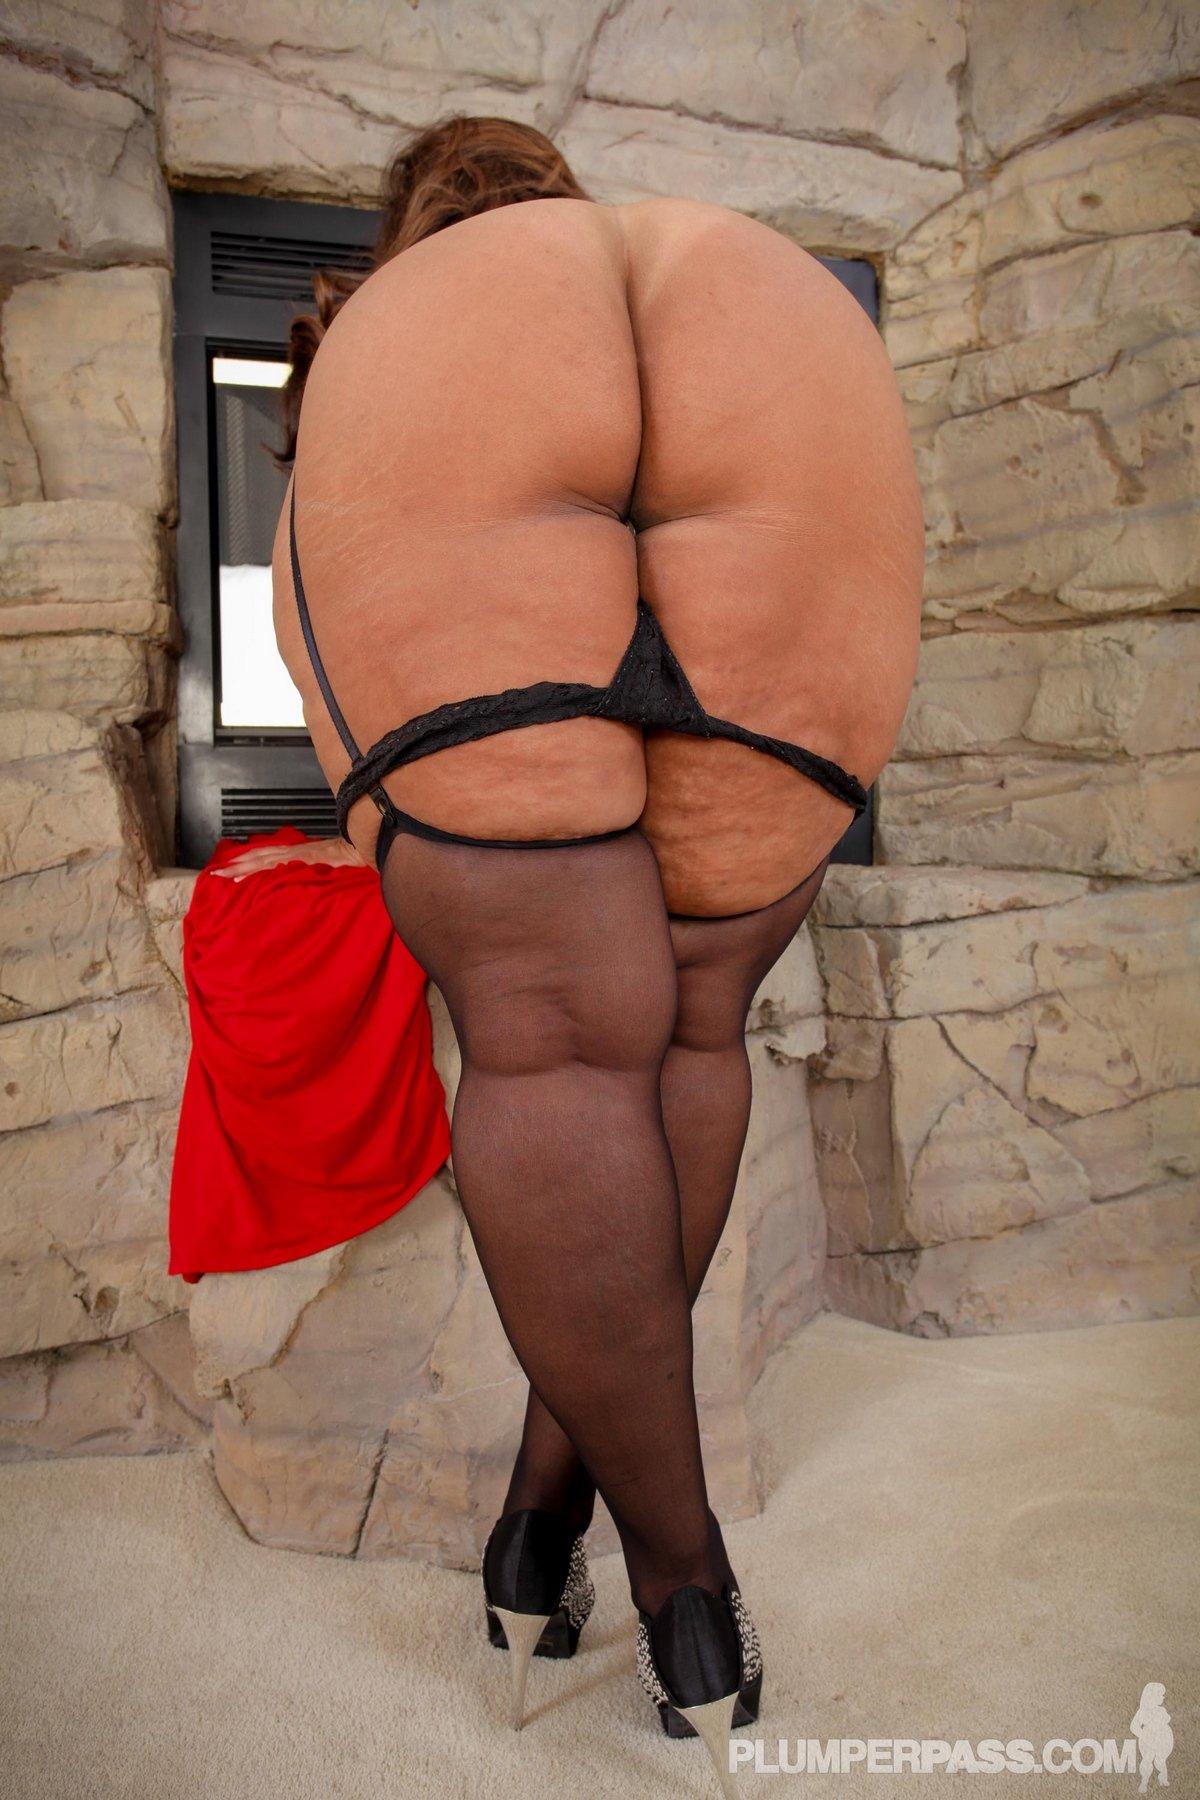 Эротика видео большие задницы зрелых дам